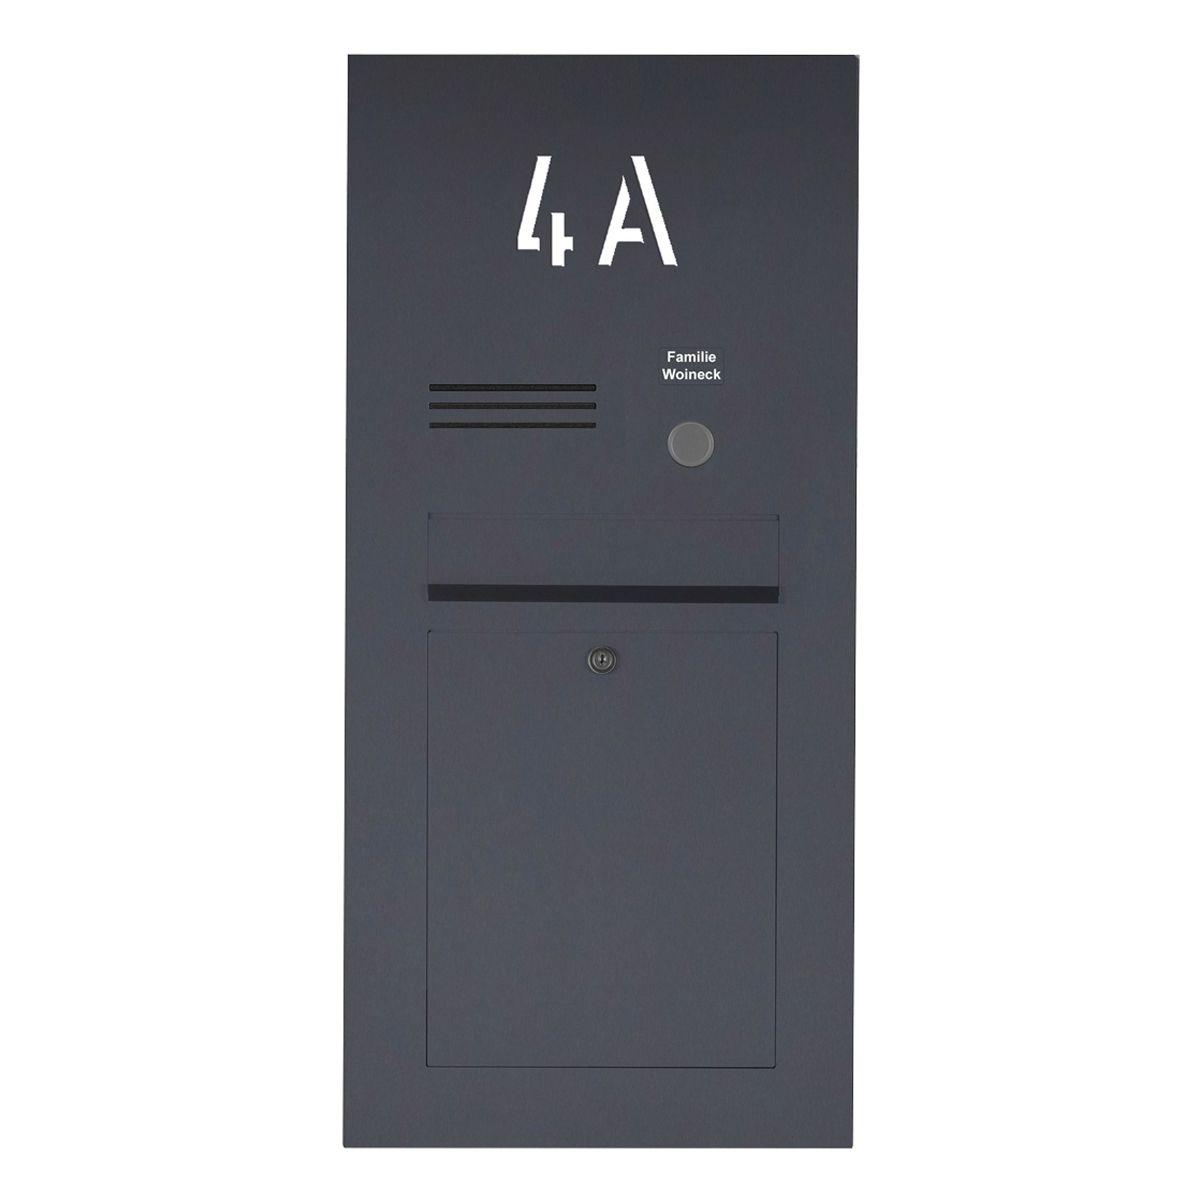 Edelstahl Briefkasten Designer Mit Hausnummer Hinterbeleuchtet Ral Nach Wahl Individuell In 2020 Briefkasten Beleuchten Kasten